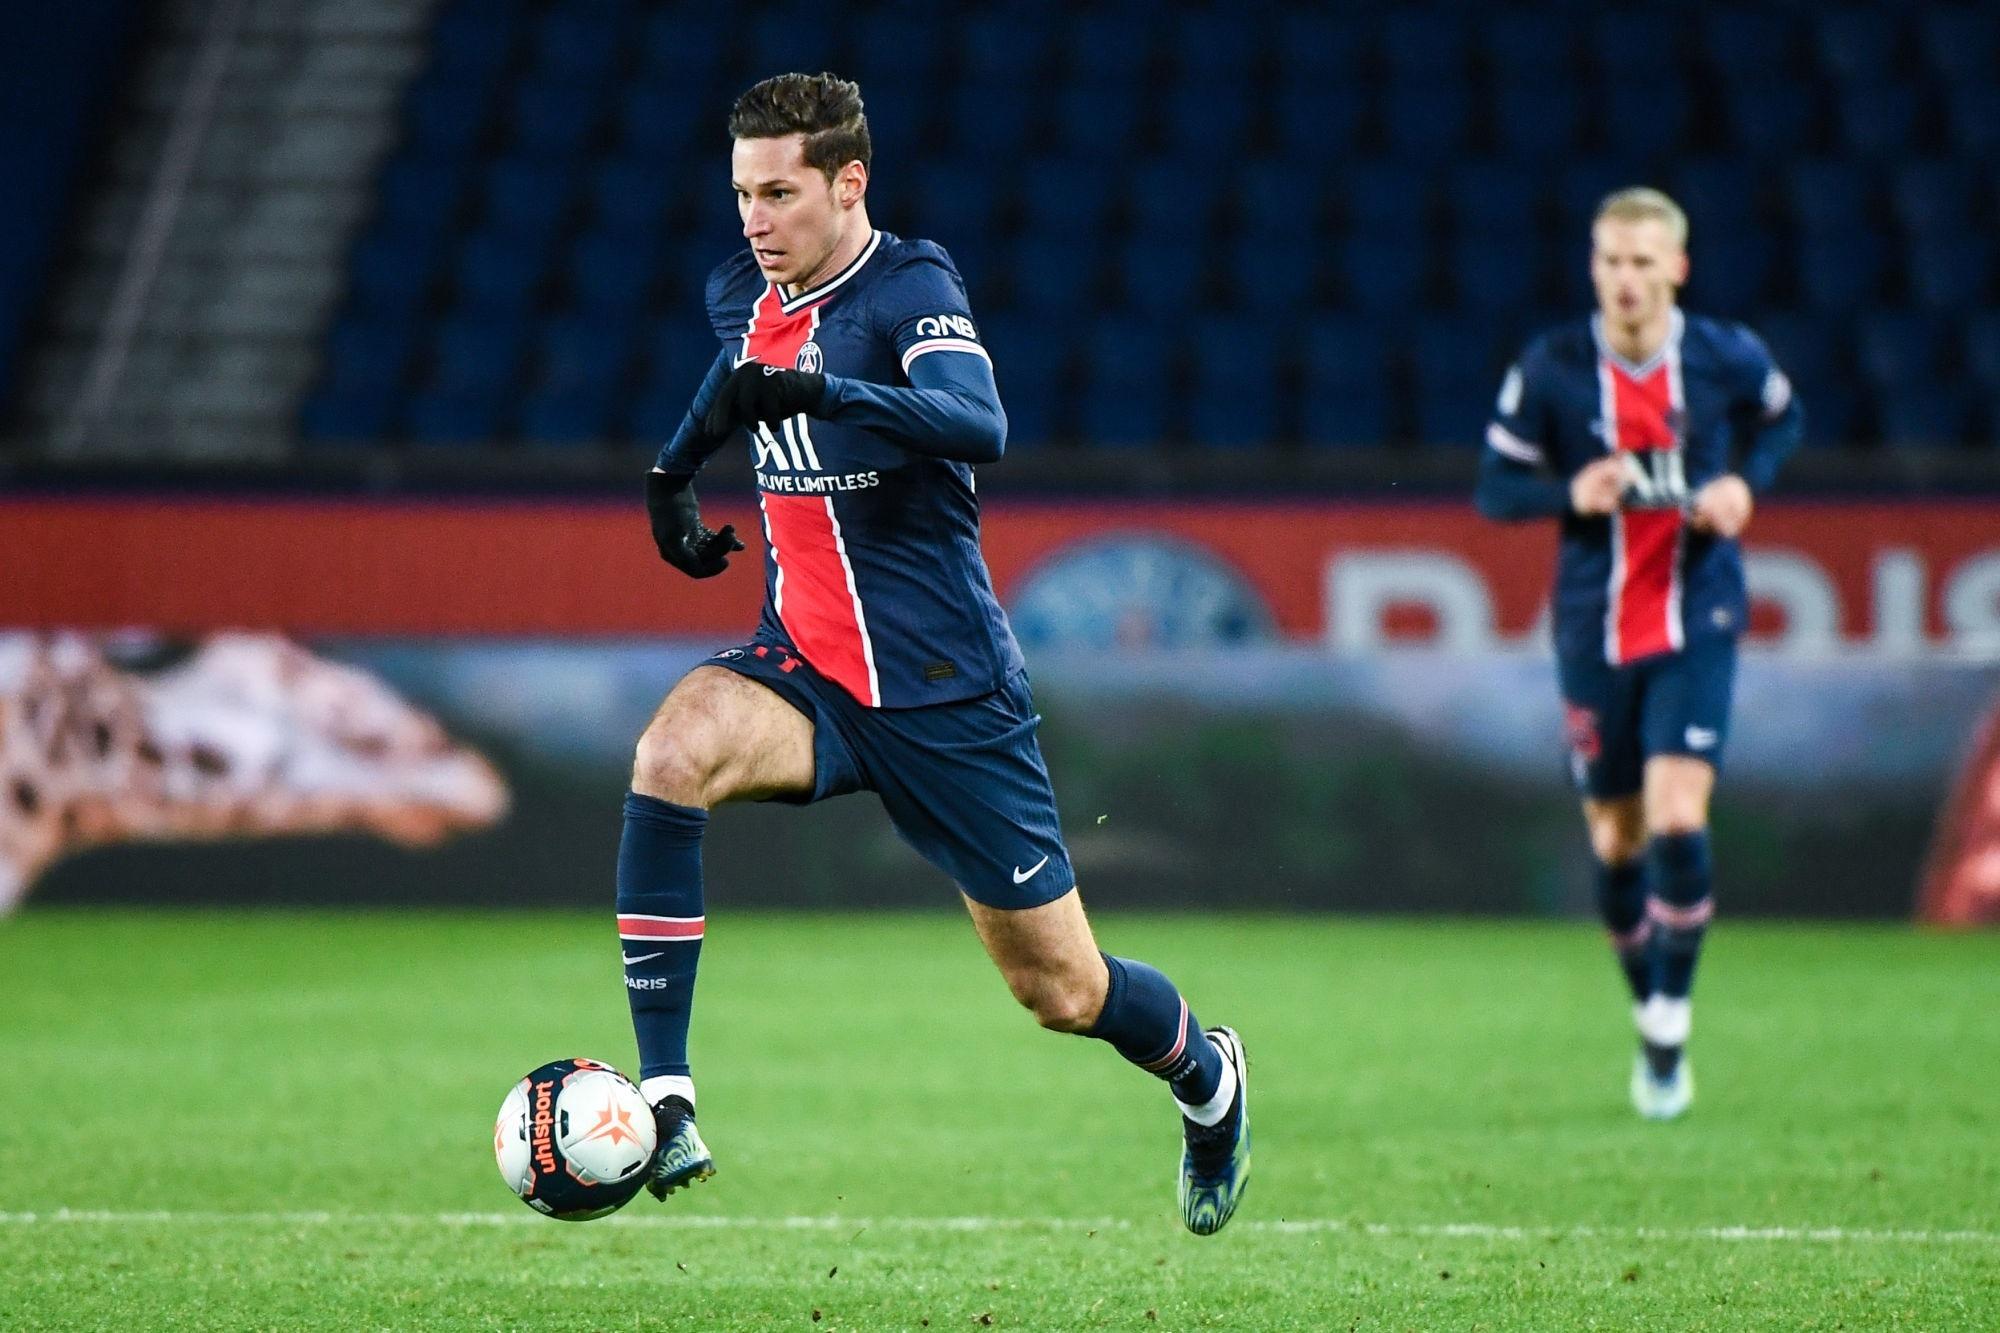 Mercato - Draxler a décidé et se dirige vers un départ du PSG, selon Sport 1